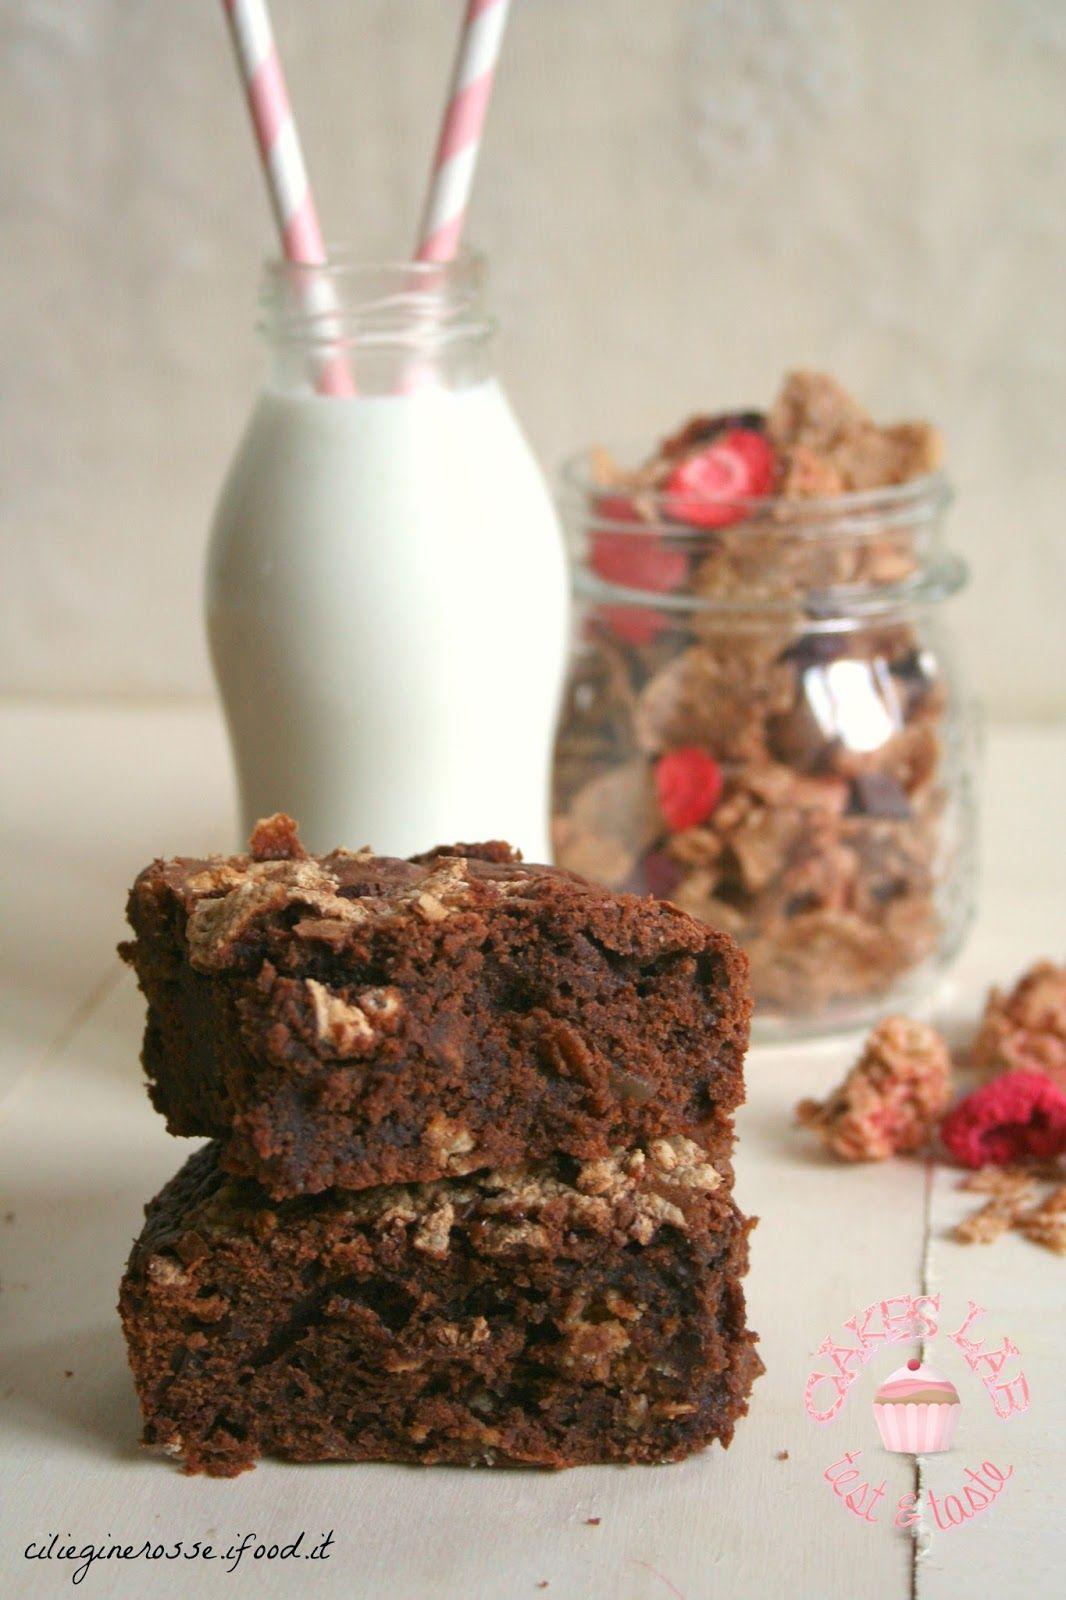 Letizia in Cucina: Brownies con cocco rapè e frutti rossi ...